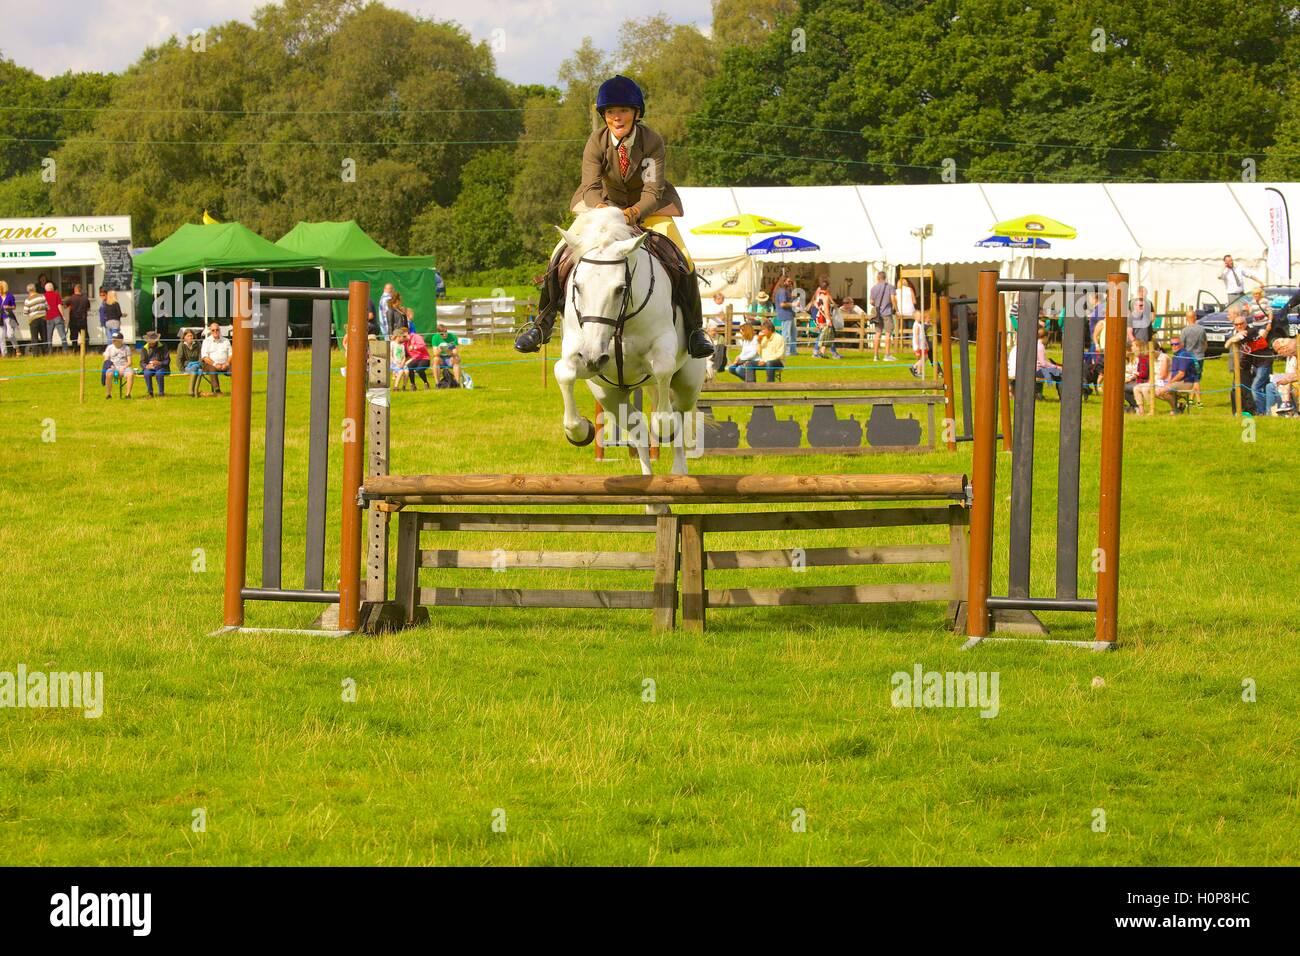 Chica montando un espectáculo de caballos saltando una valla. Bellingham Show y el país Festival, Bellingham, Imagen De Stock